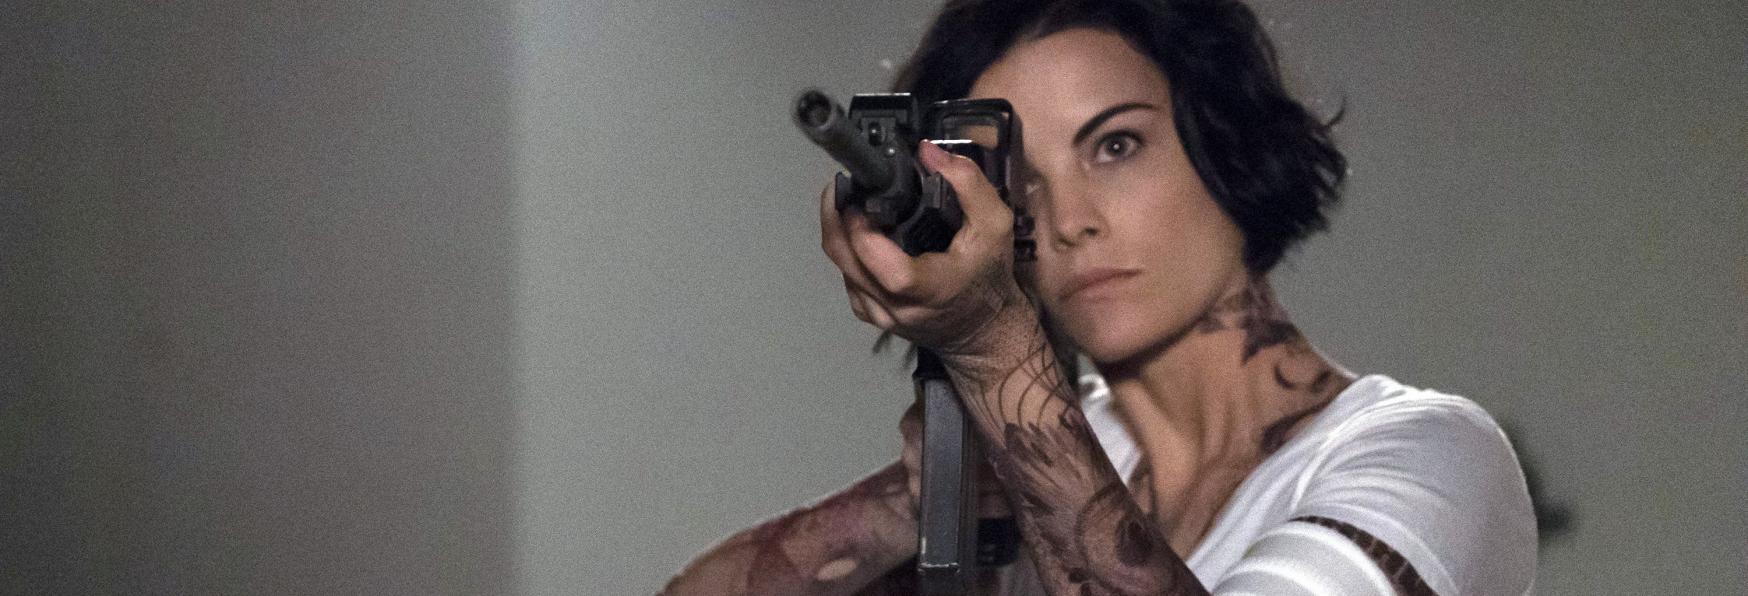 Blindspot 5: in arrivo l'Ultima Stagione della Serie TV NBC. Tutte le Informazioni Note